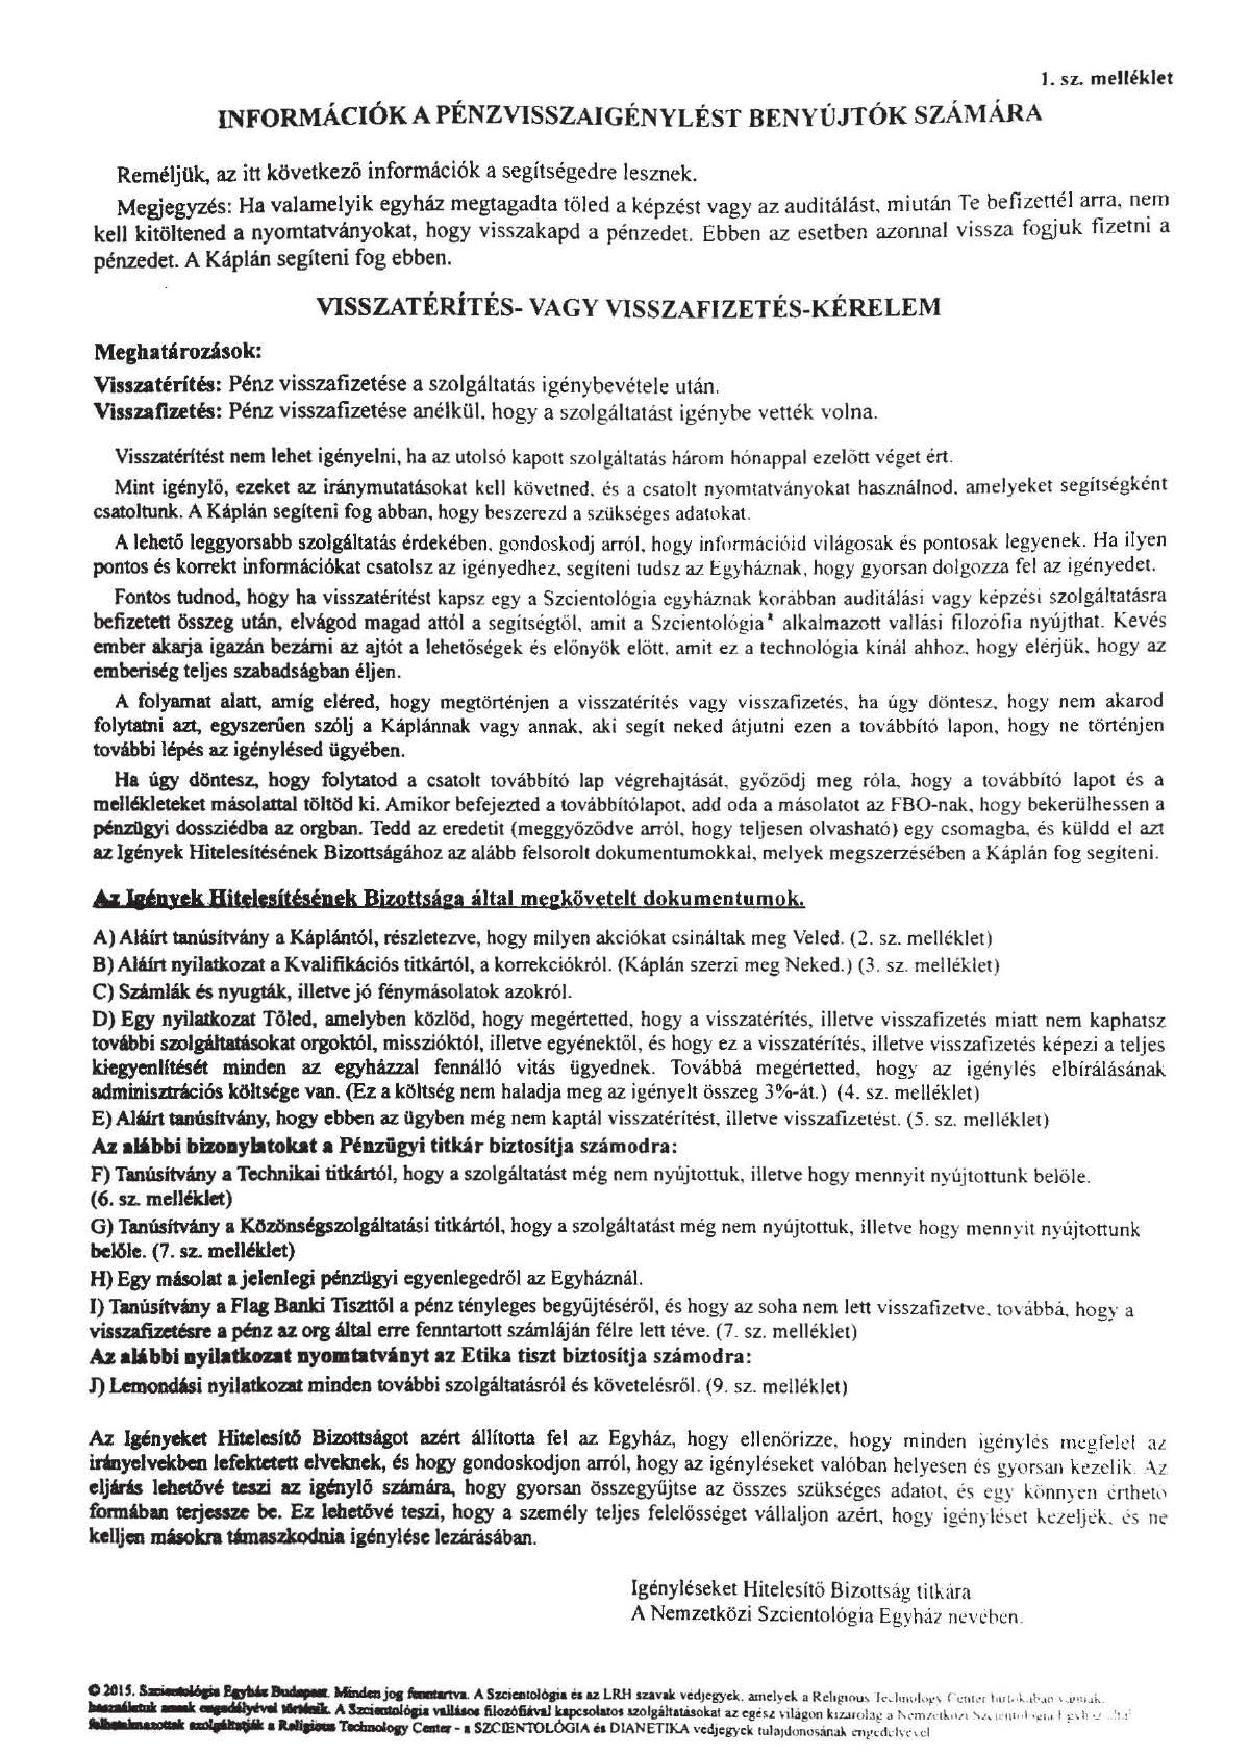 scn_igenyek_hitelesitese_tovabbito_lap_refund-page-004.jpg